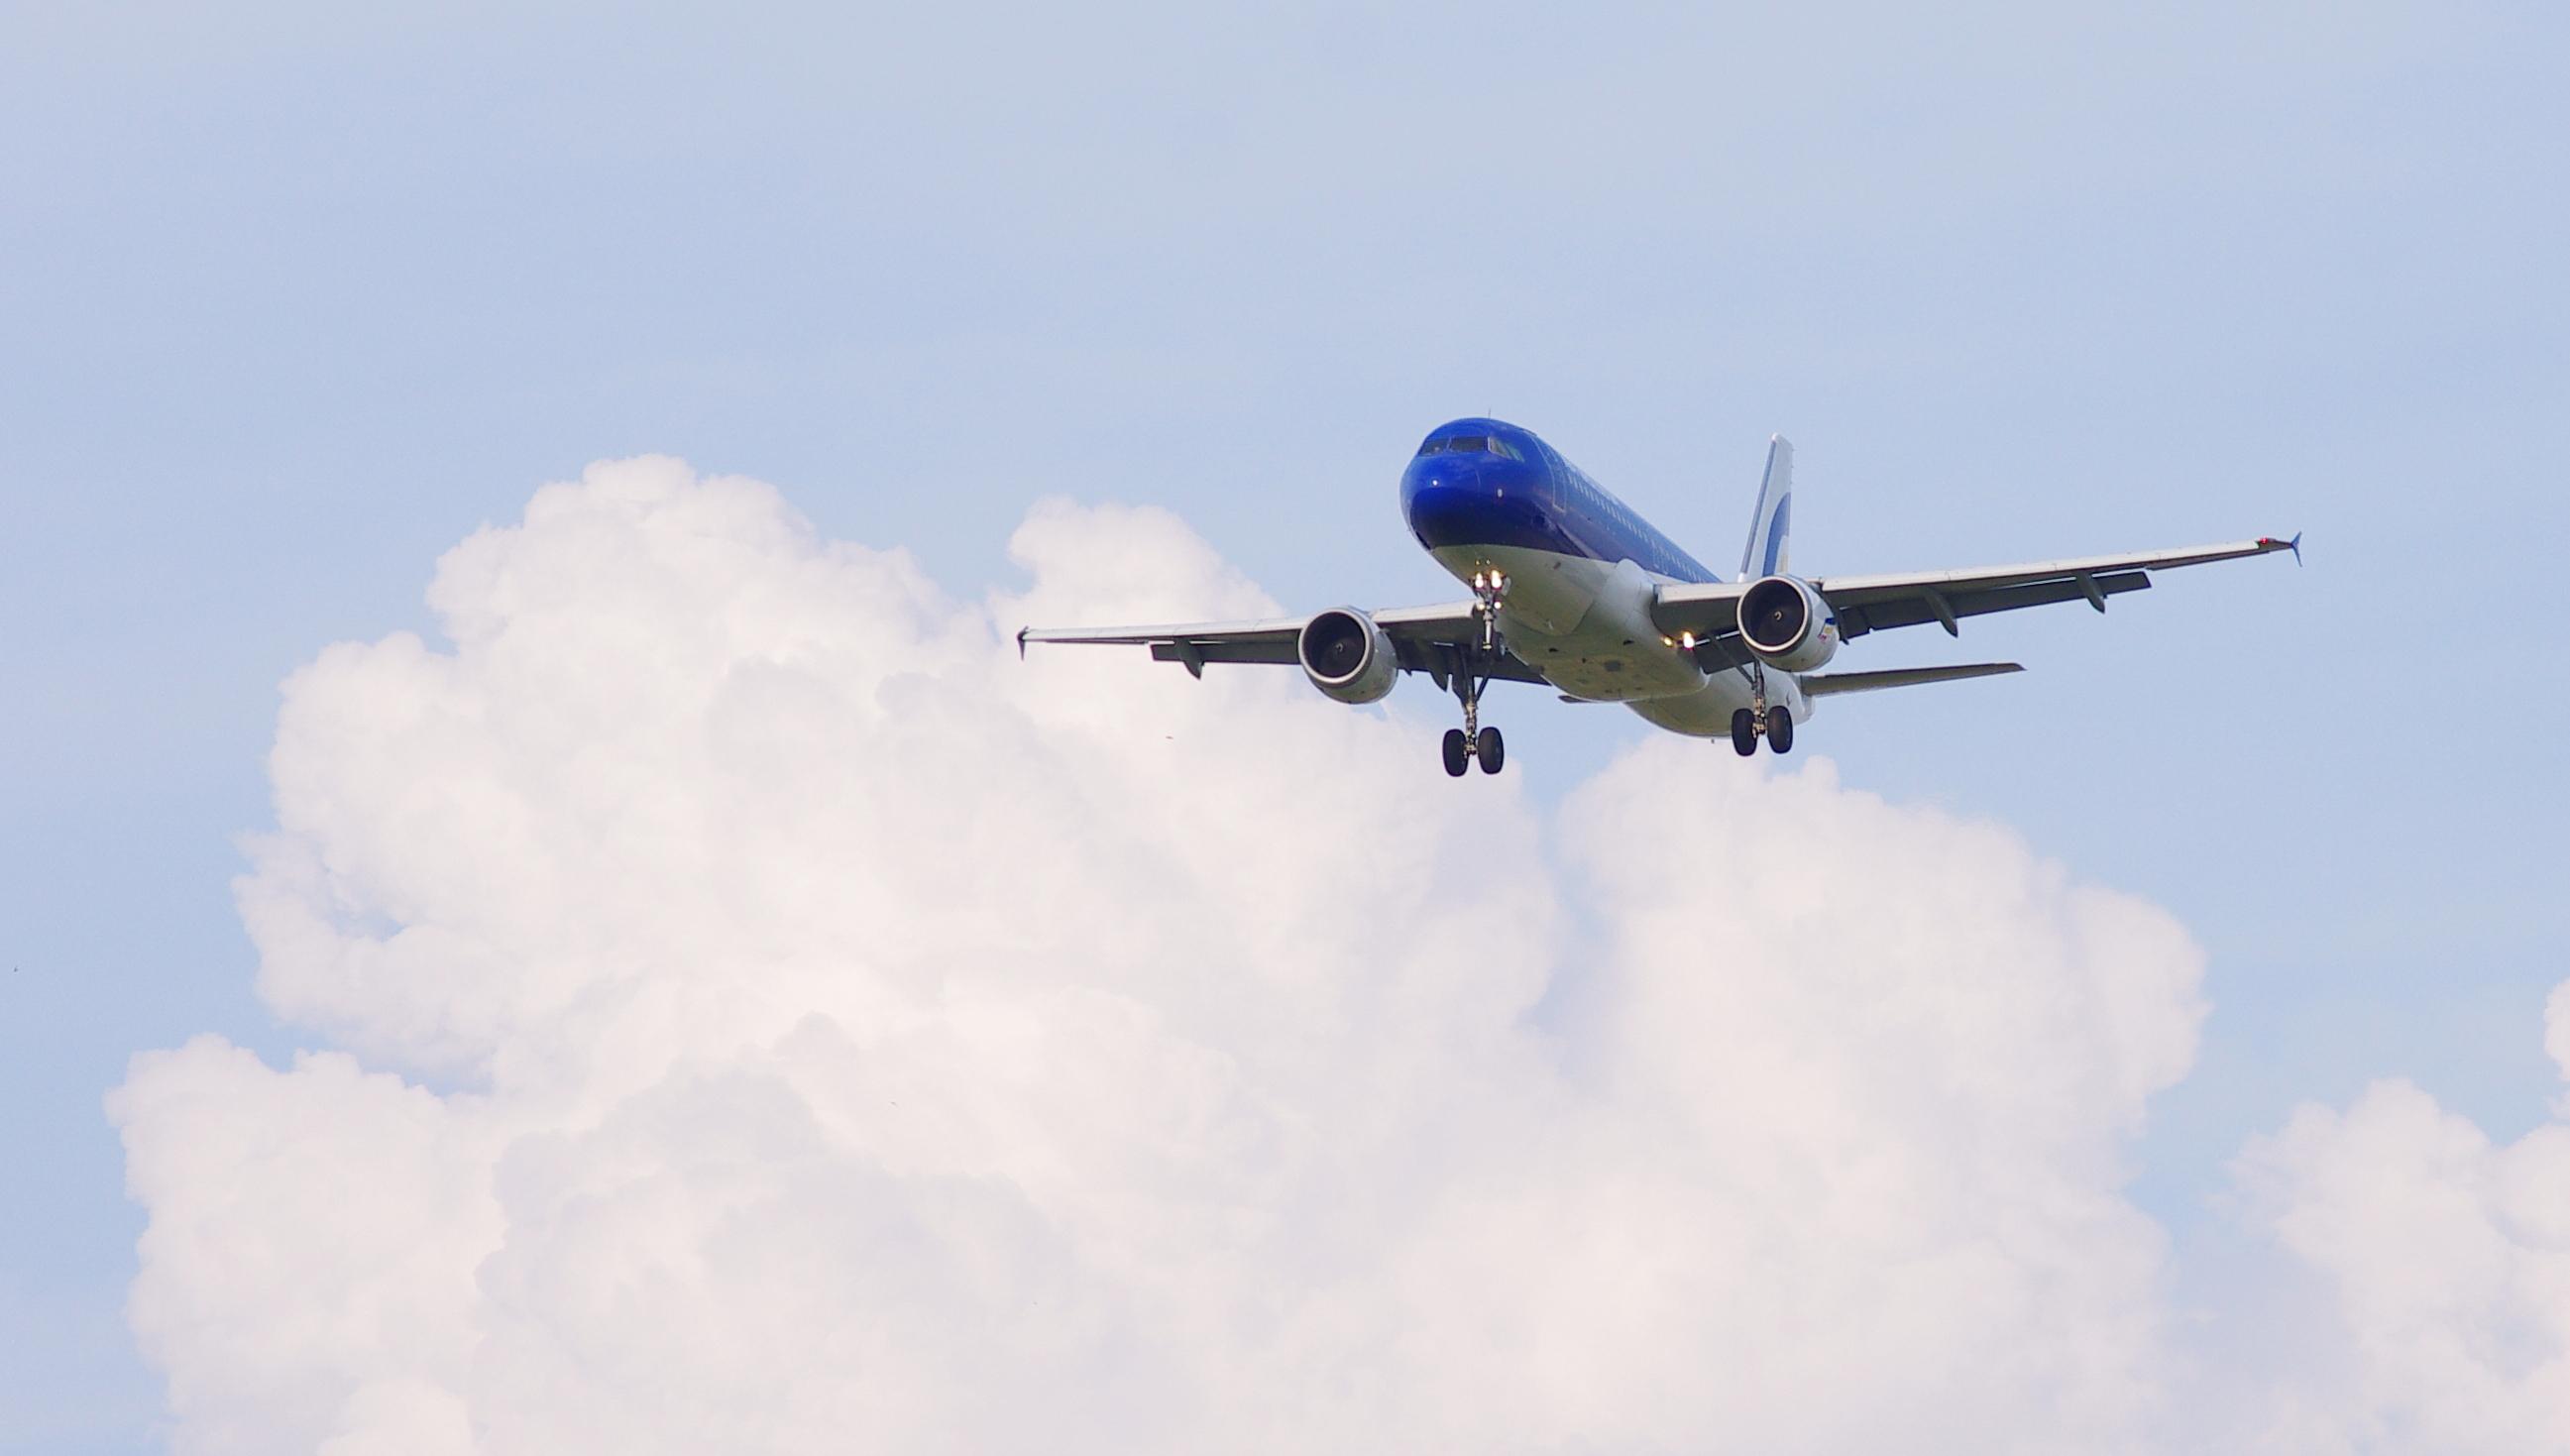 Airbus A320-211 ER-AXV